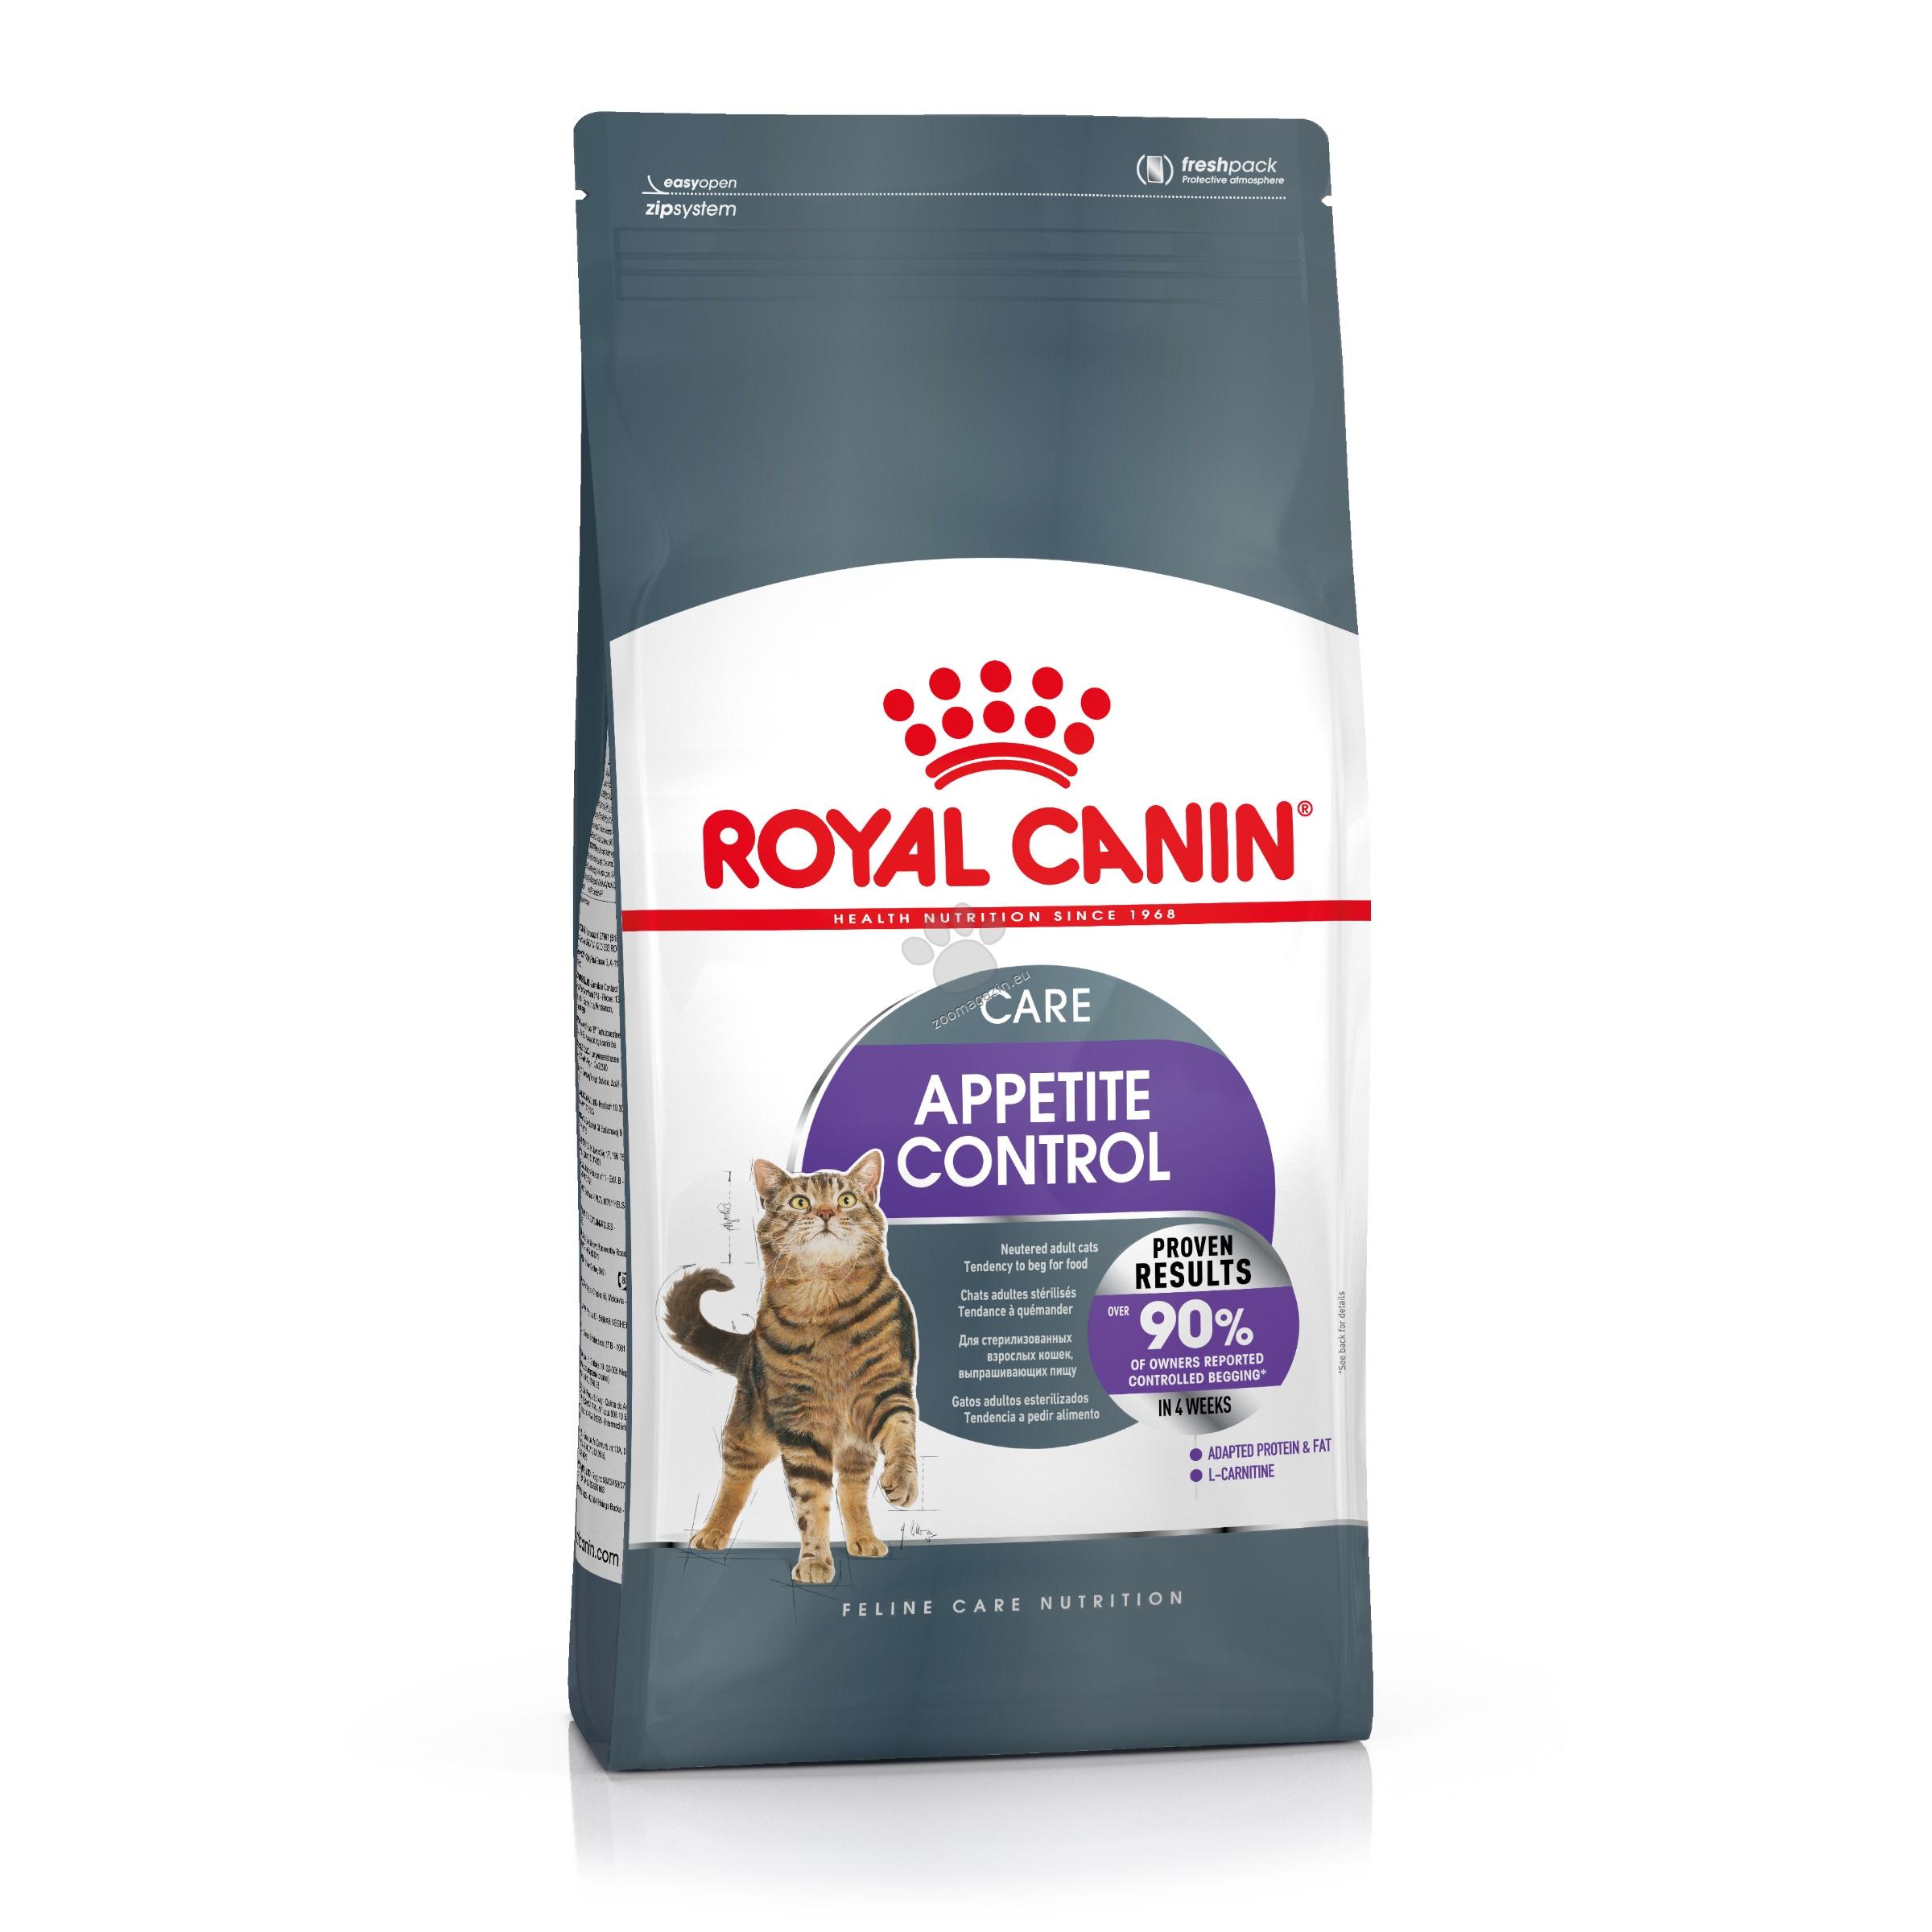 Royal Canin Appetite Control - пълноценна храна за котки в зряла възраст за контролиране поведението на просене 3.5 кг.